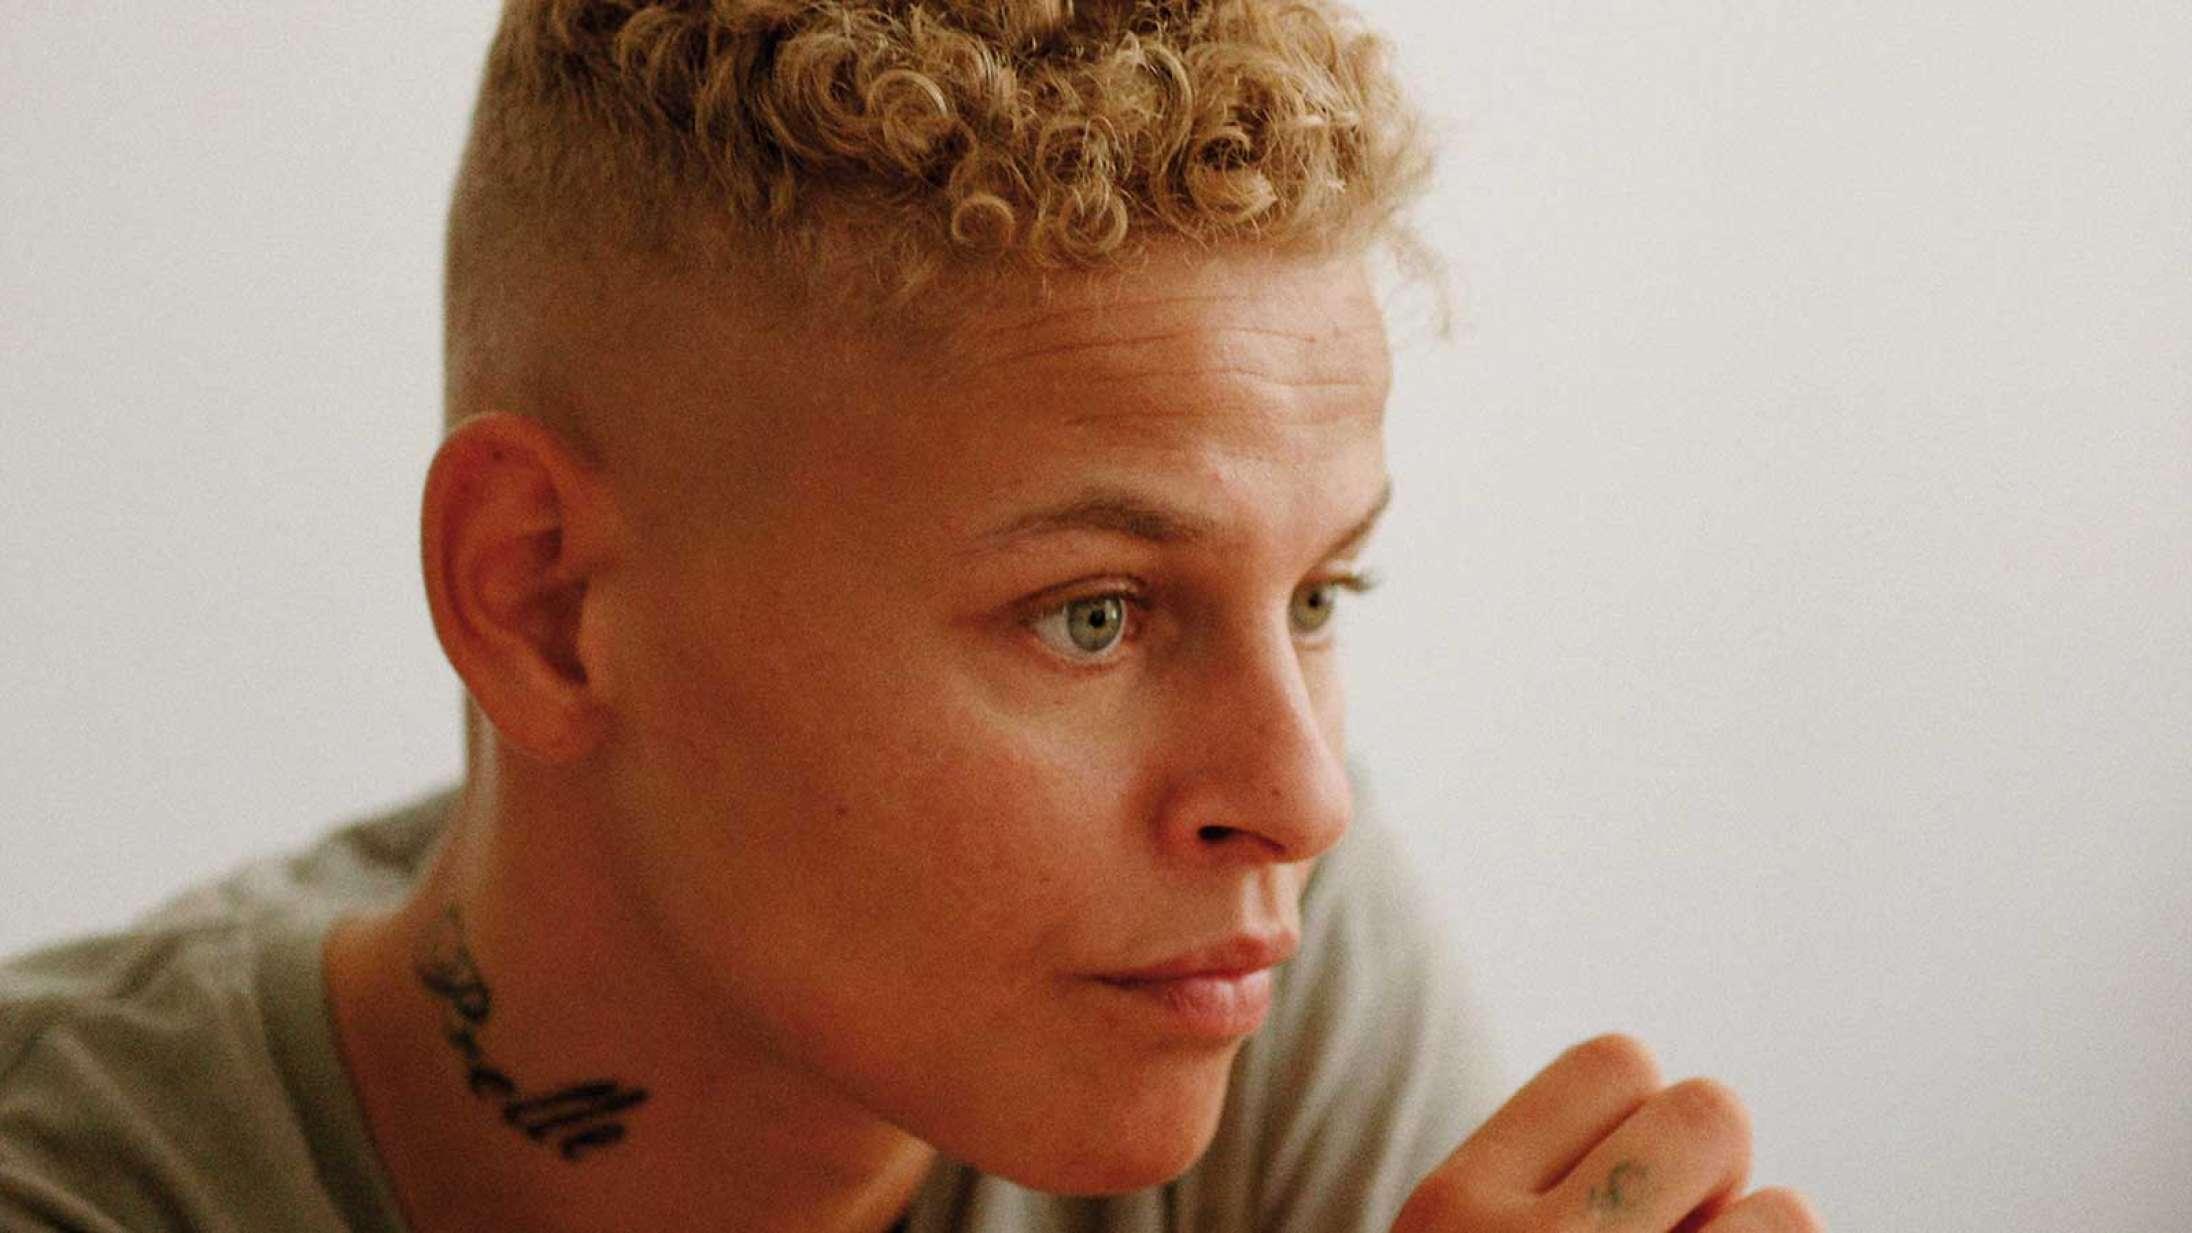 'Prelle – Lytter til mig selv': Debutdokumentar om Rikke Prelle gi'r dig lyst til at rappe med